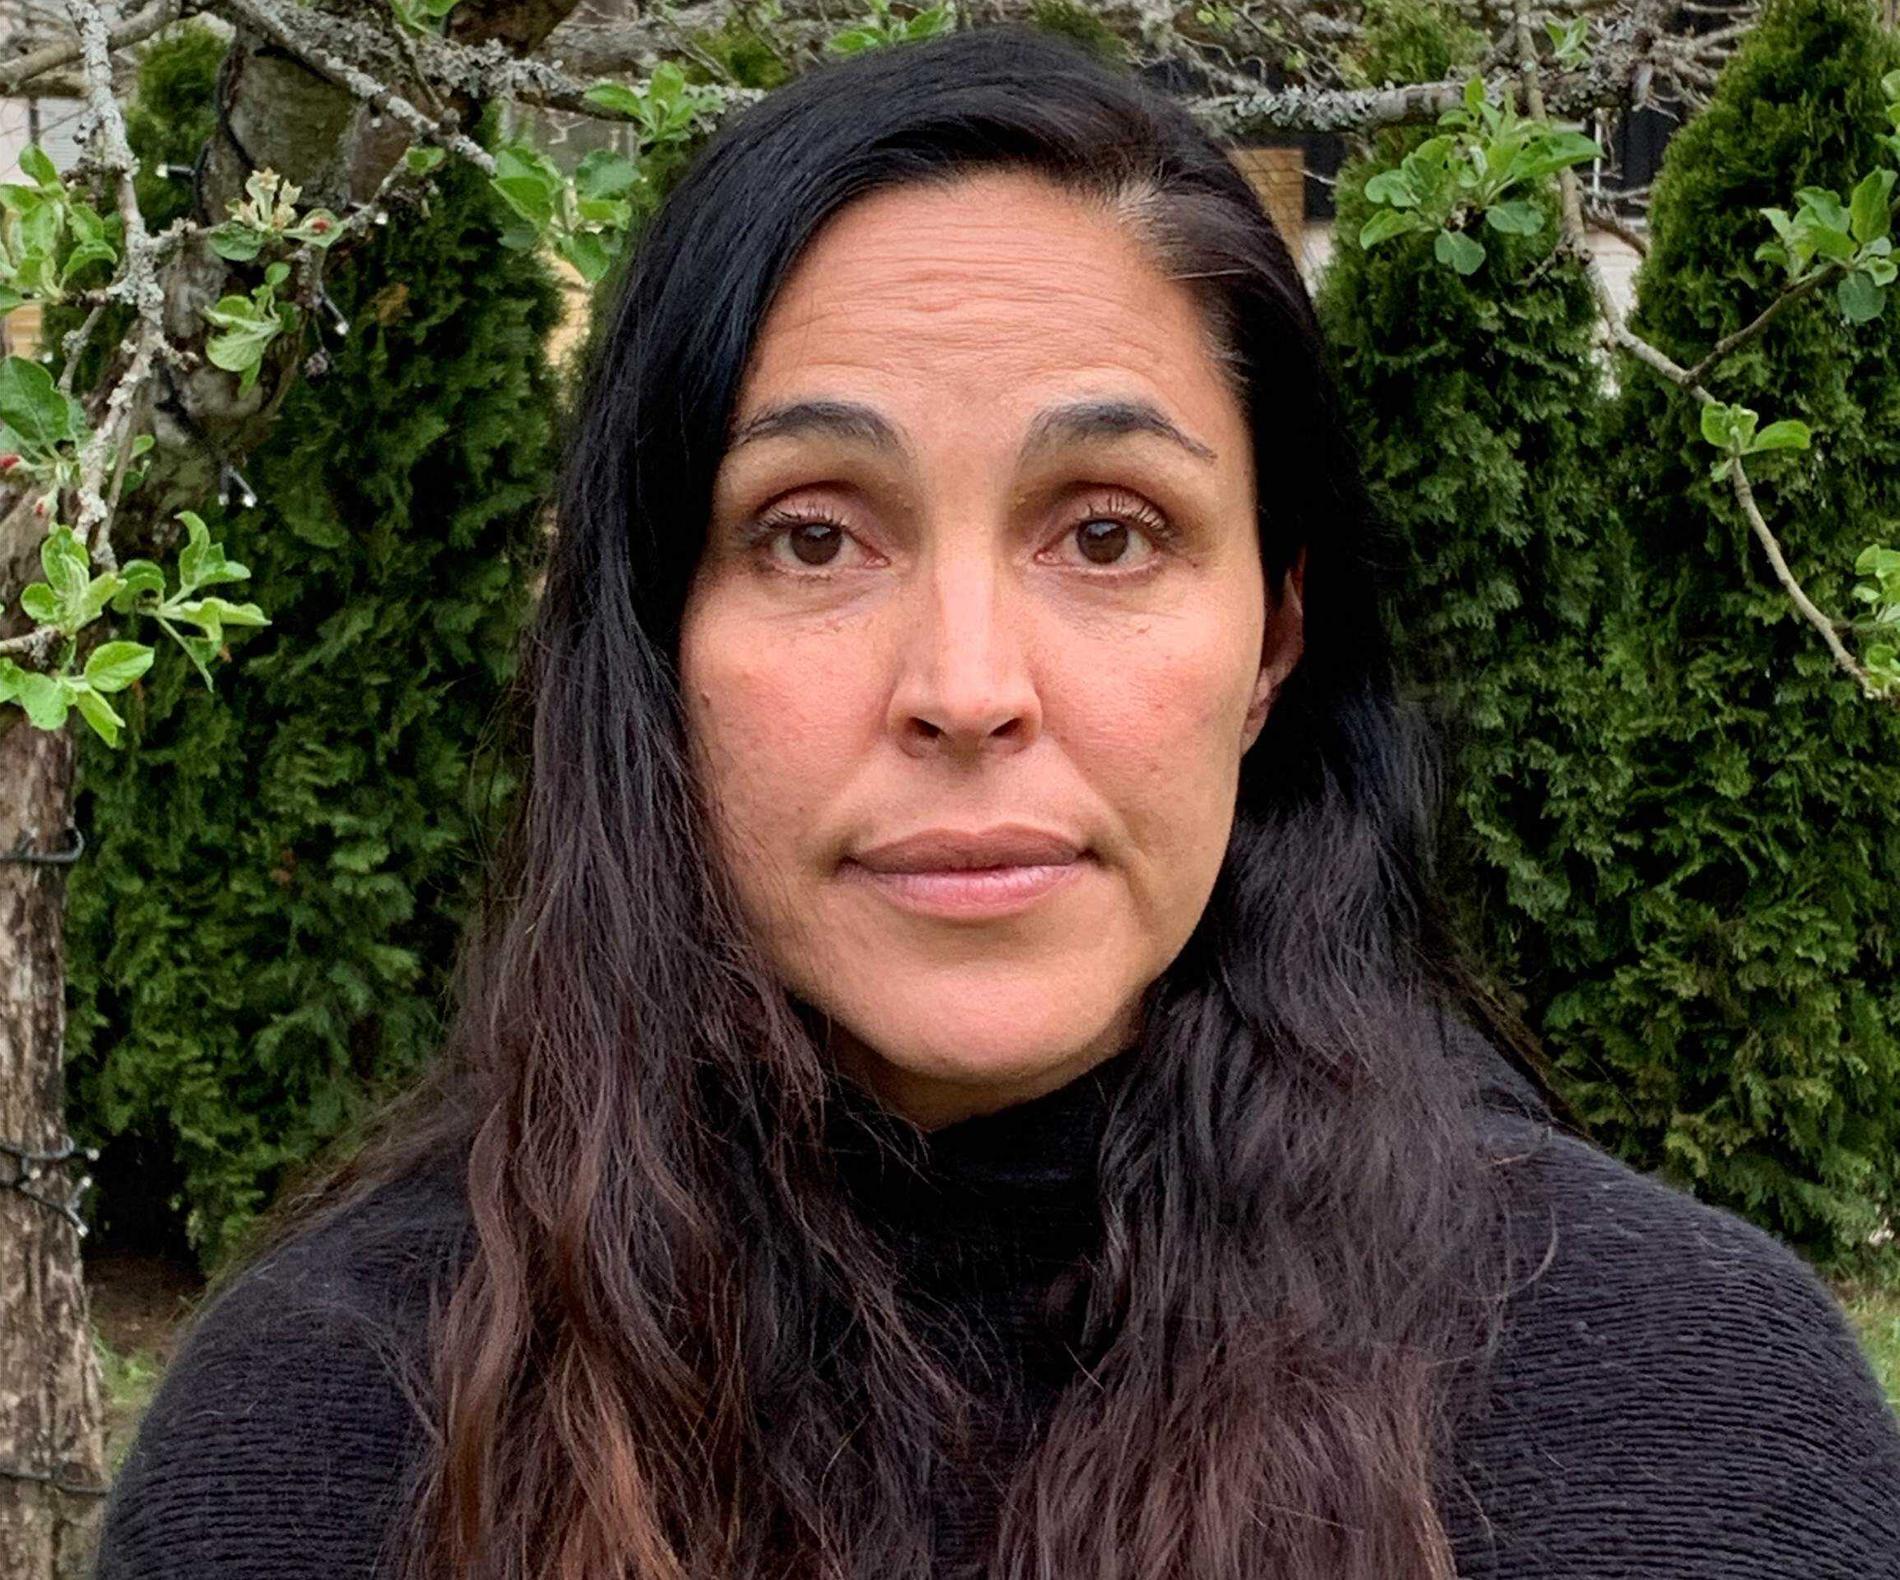 Begoña Birath–Barrientos, programspecialist för humanitärt stöd för Palestina på Sida.